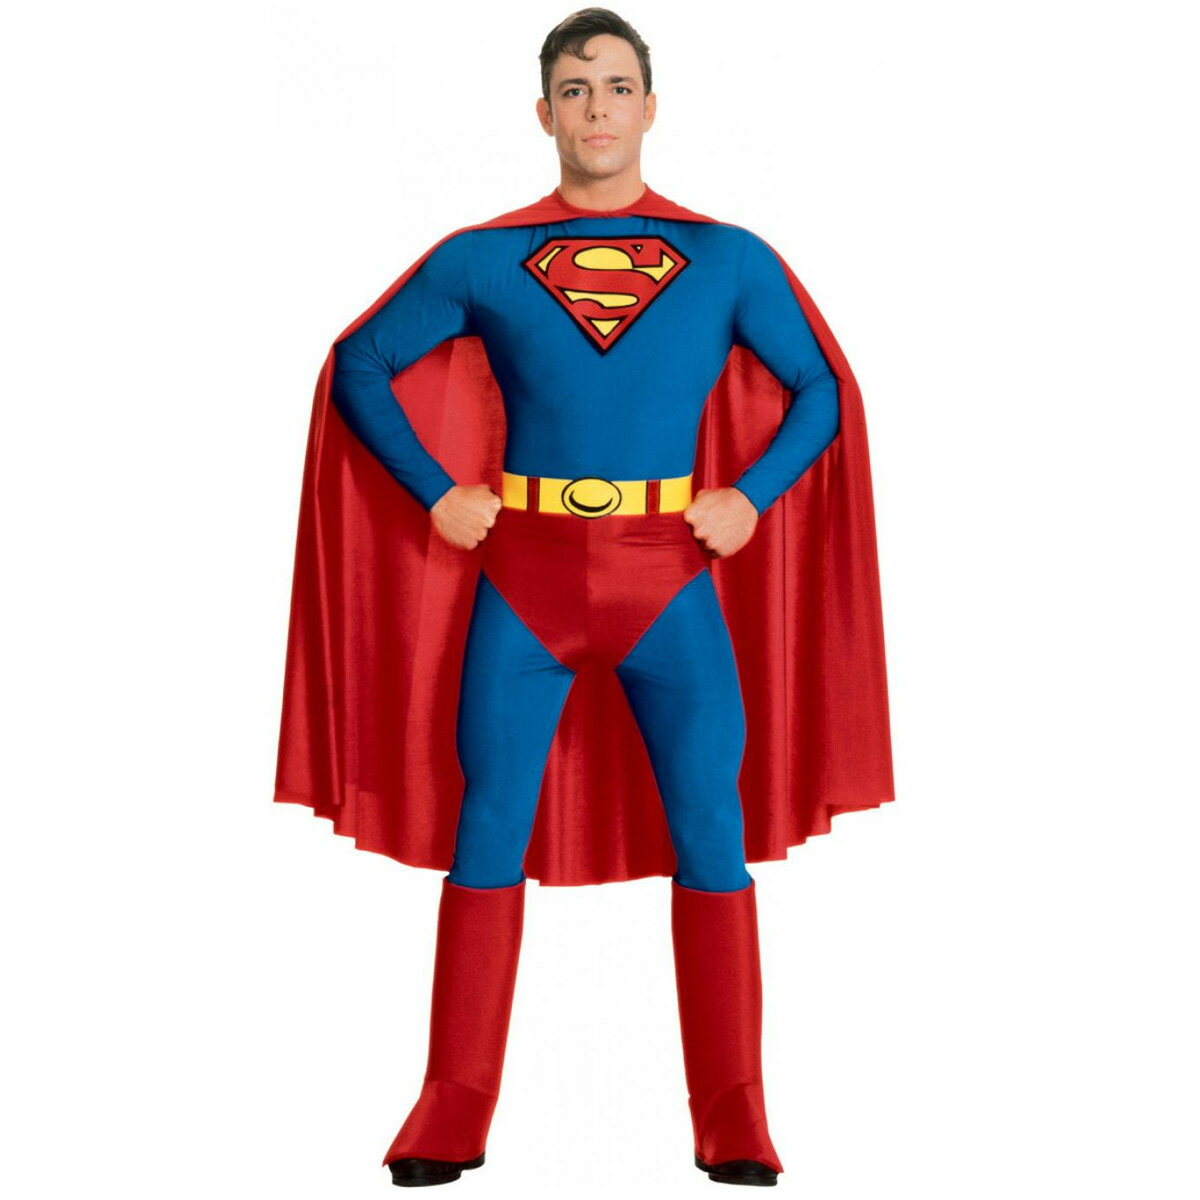 ハロウィン スーパーマン コスプレ コスチューム 大人 男性用 映画 ヒーロー キャラクター 衣装 スーツ あす楽